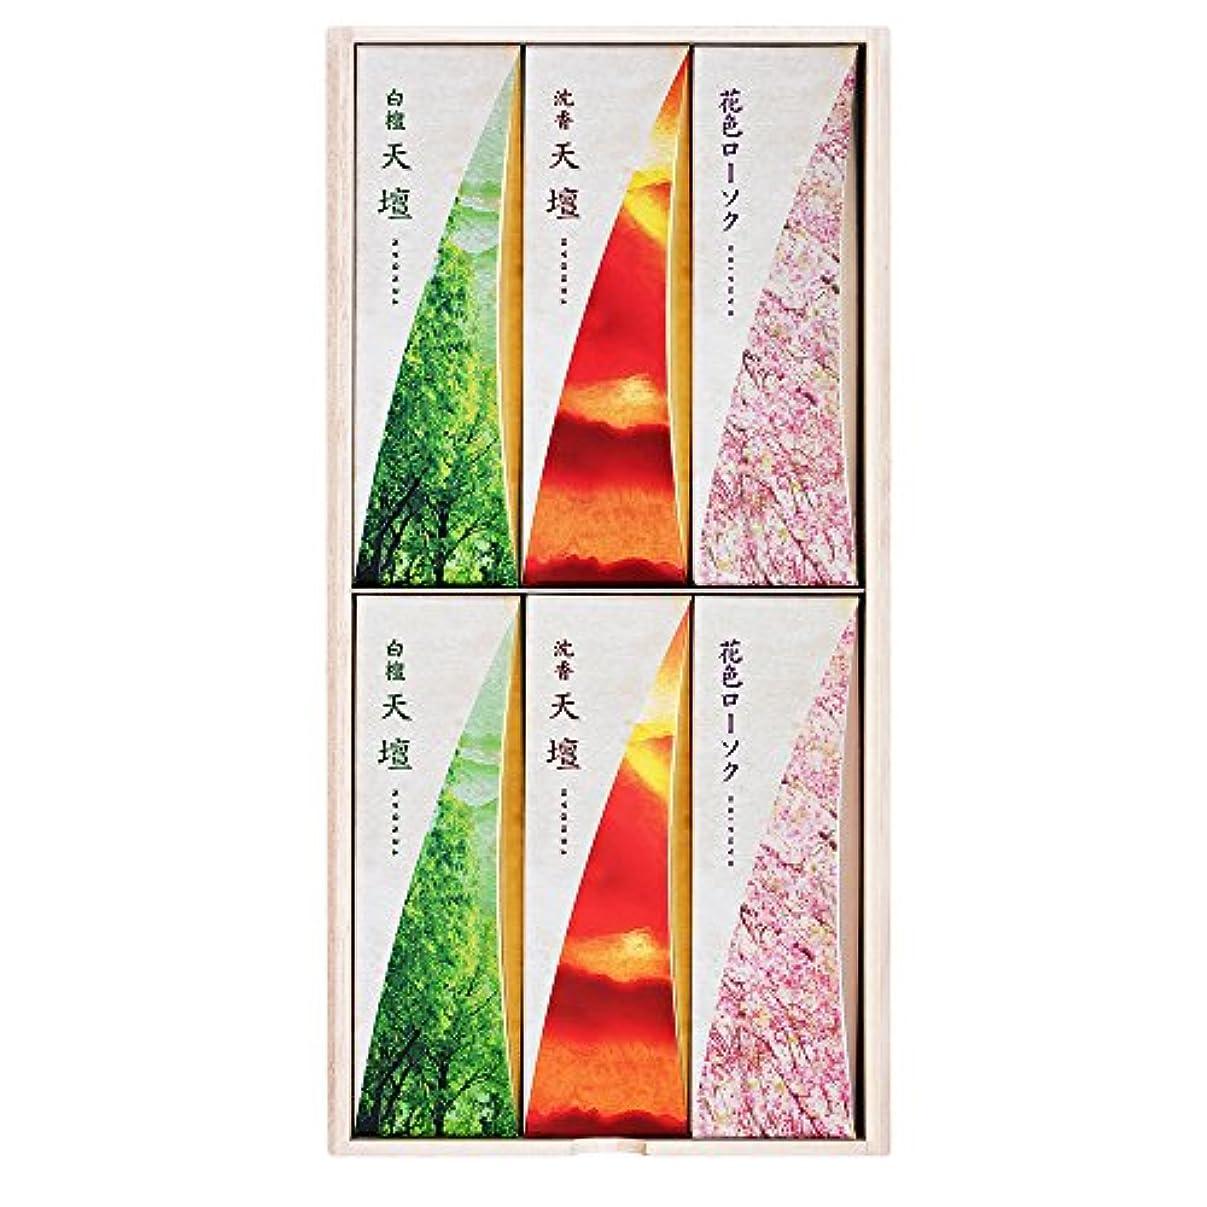 矢印横に記録天壇進物3000 桐箱 包装品 (白檀の香り2箱、沈香の香り2箱、花色ローソク2箱)